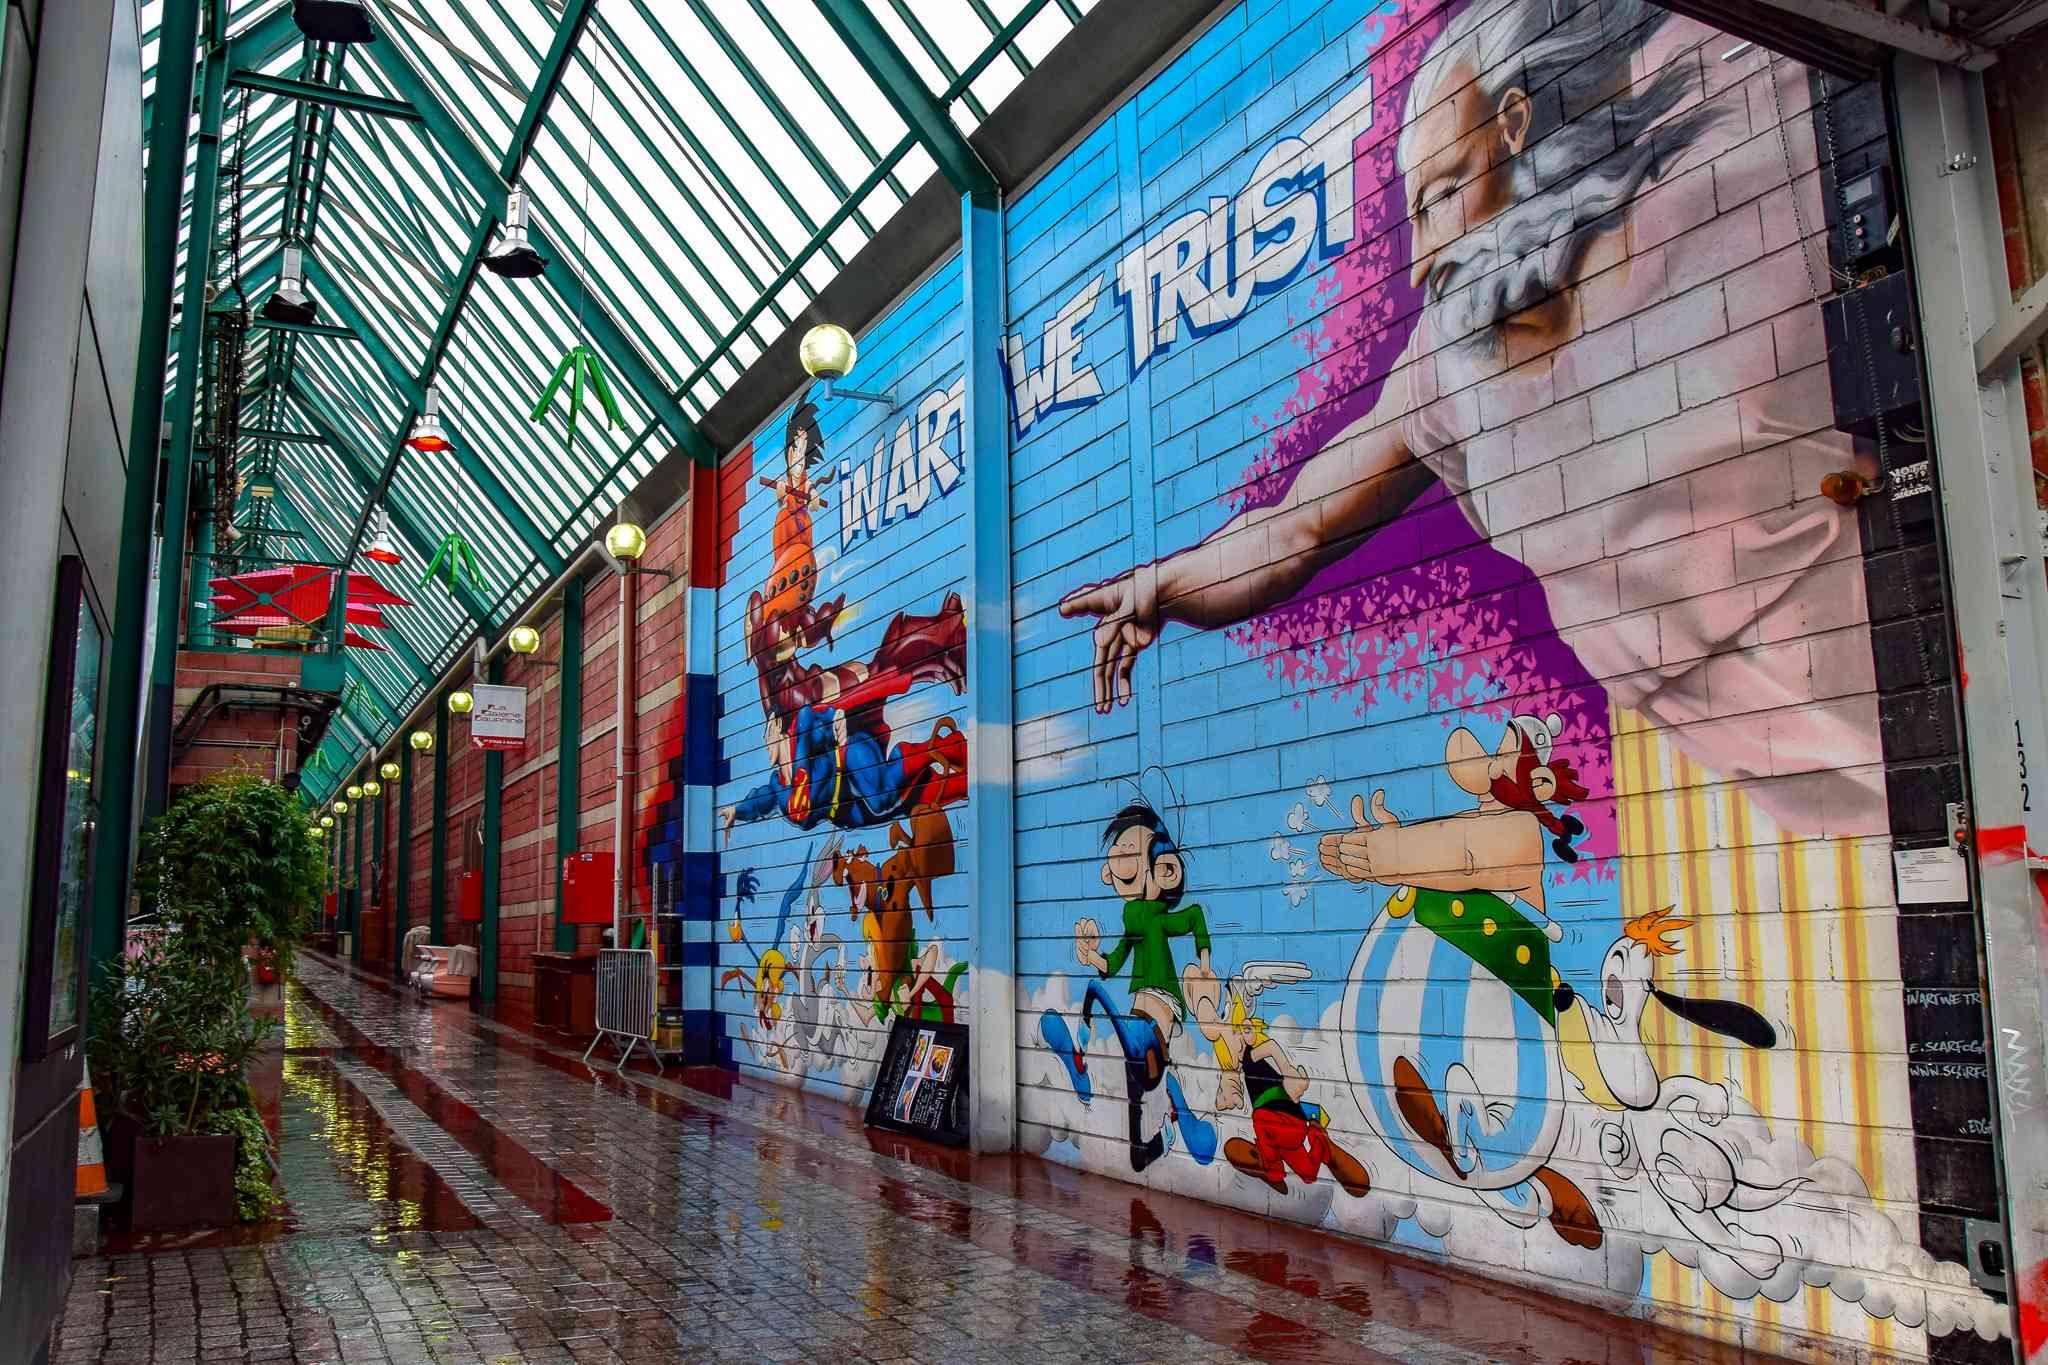 Flea Market area in Paris, France